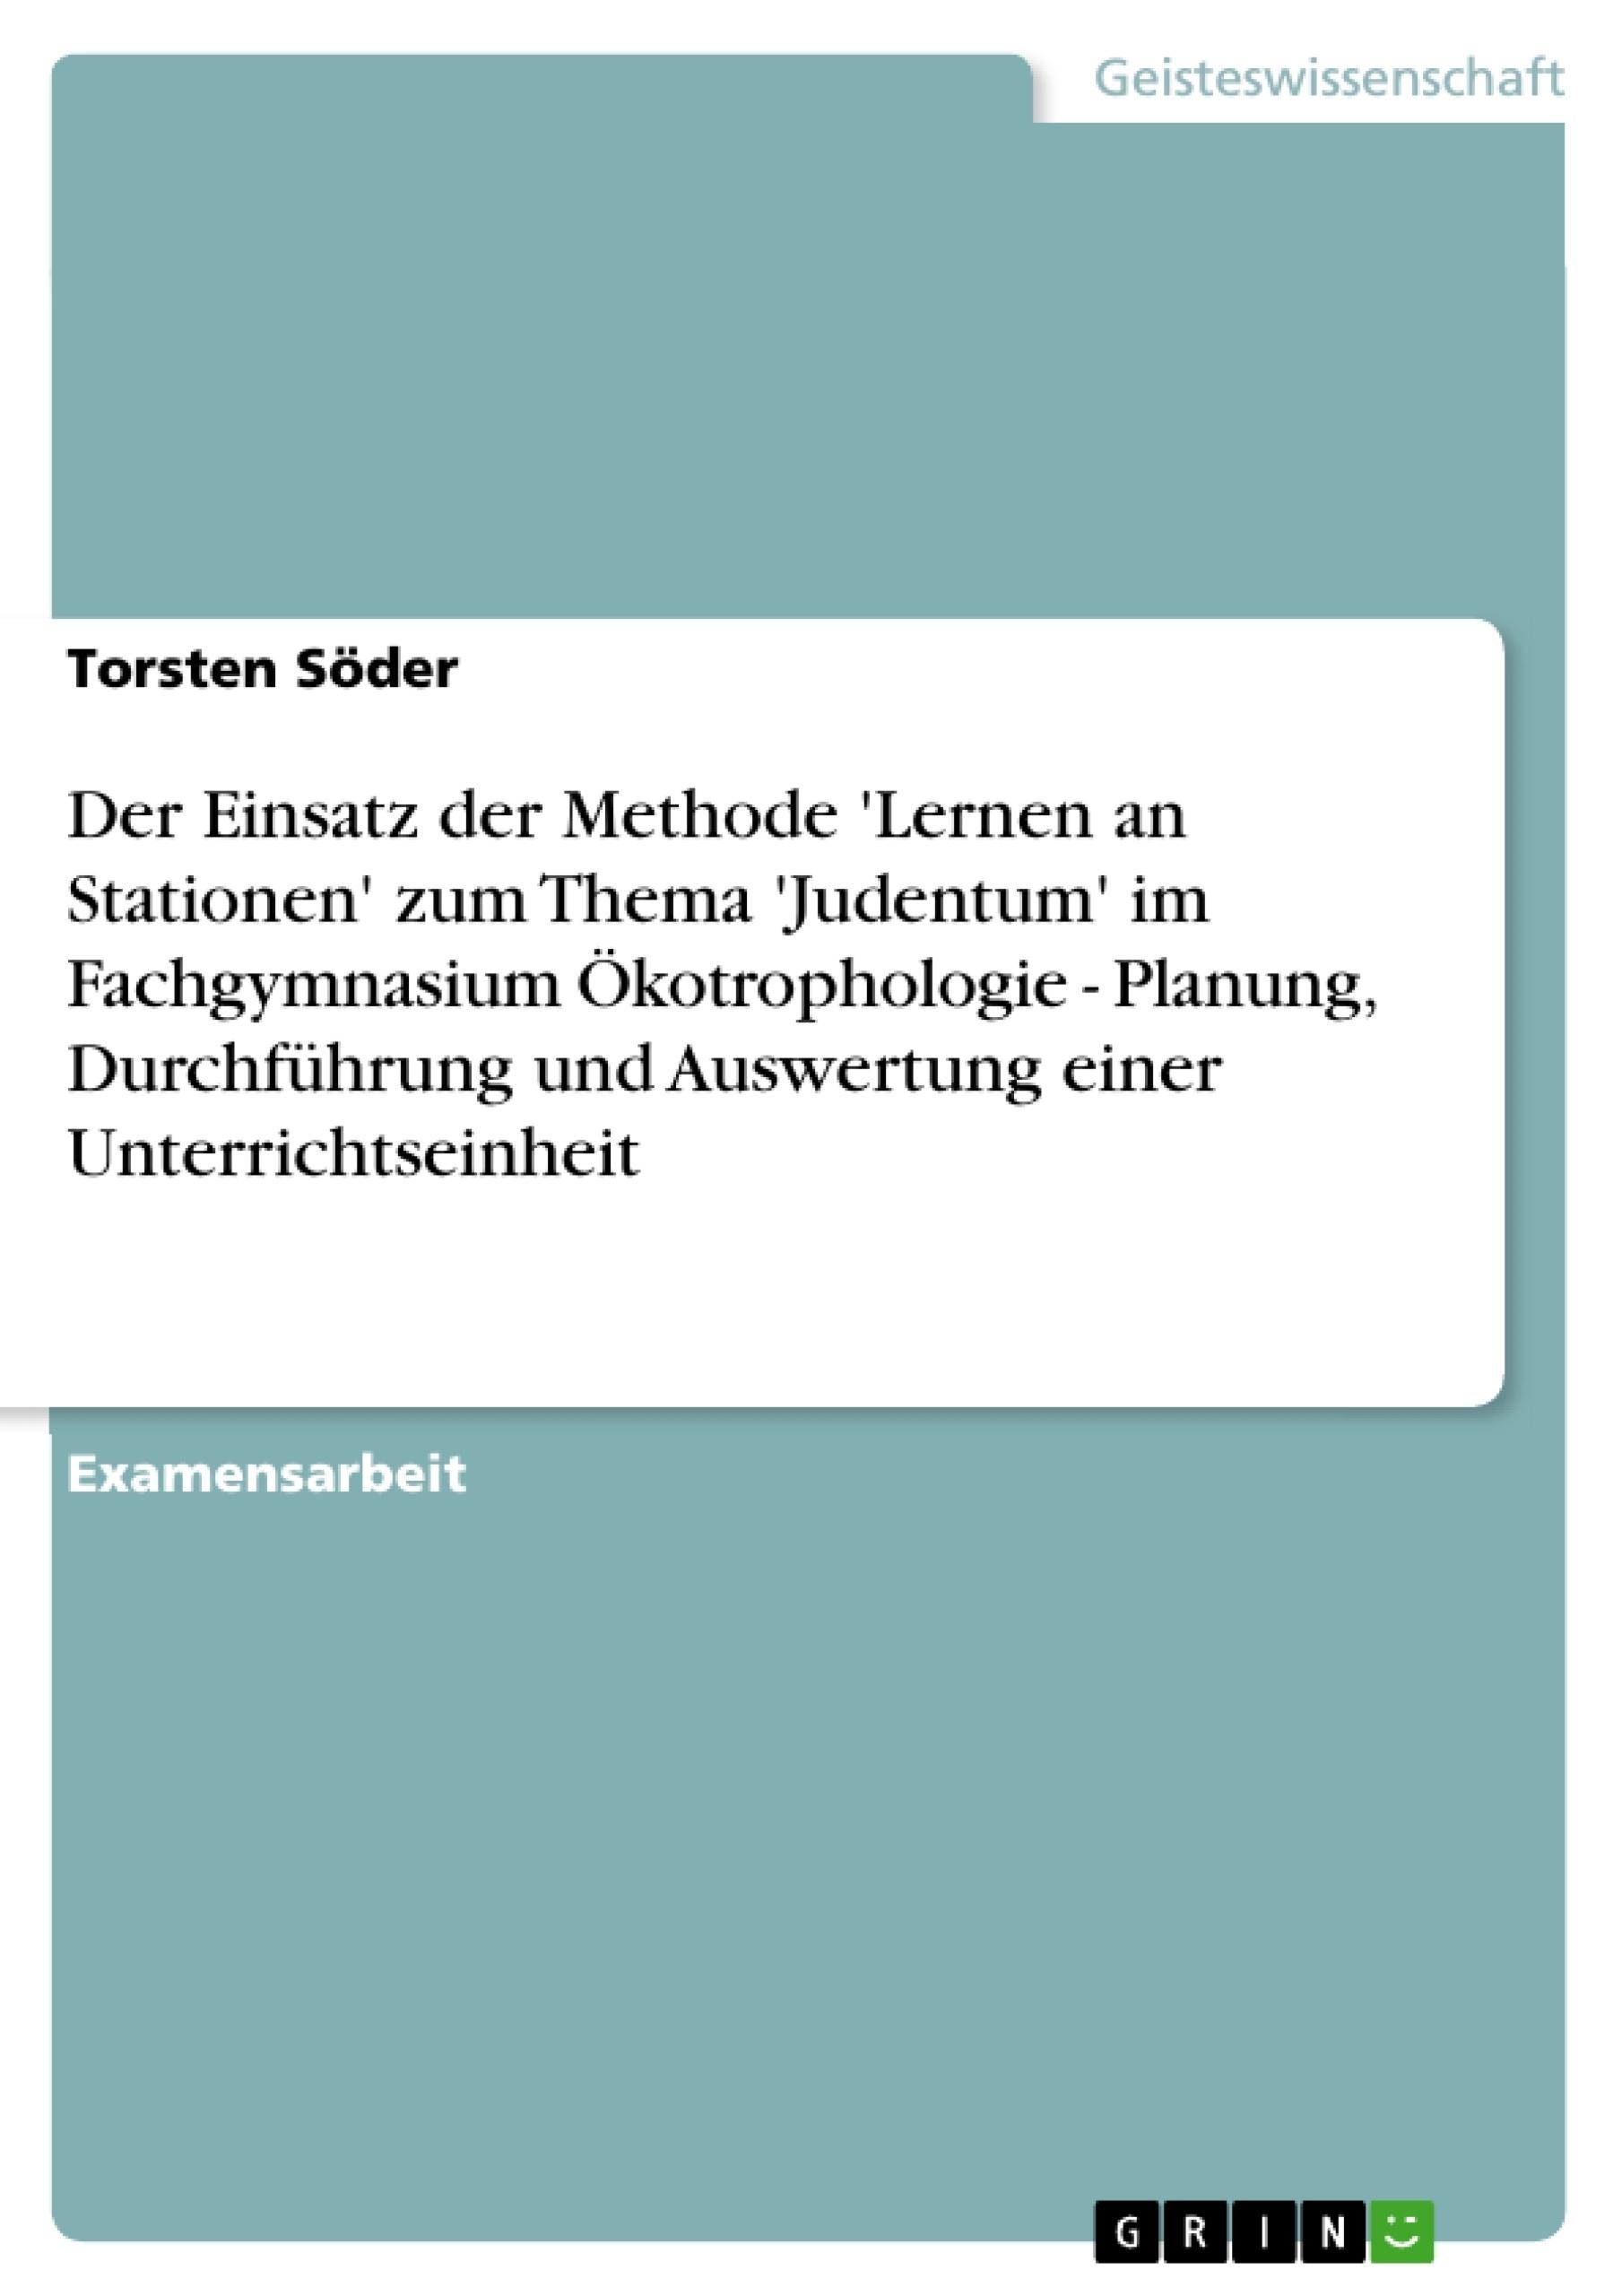 Titel: Der Einsatz der Methode 'Lernen an Stationen' zum Thema 'Judentum' im Fachgymnasium Ökotrophologie - Planung, Durchführung und Auswertung einer Unterrichtseinheit